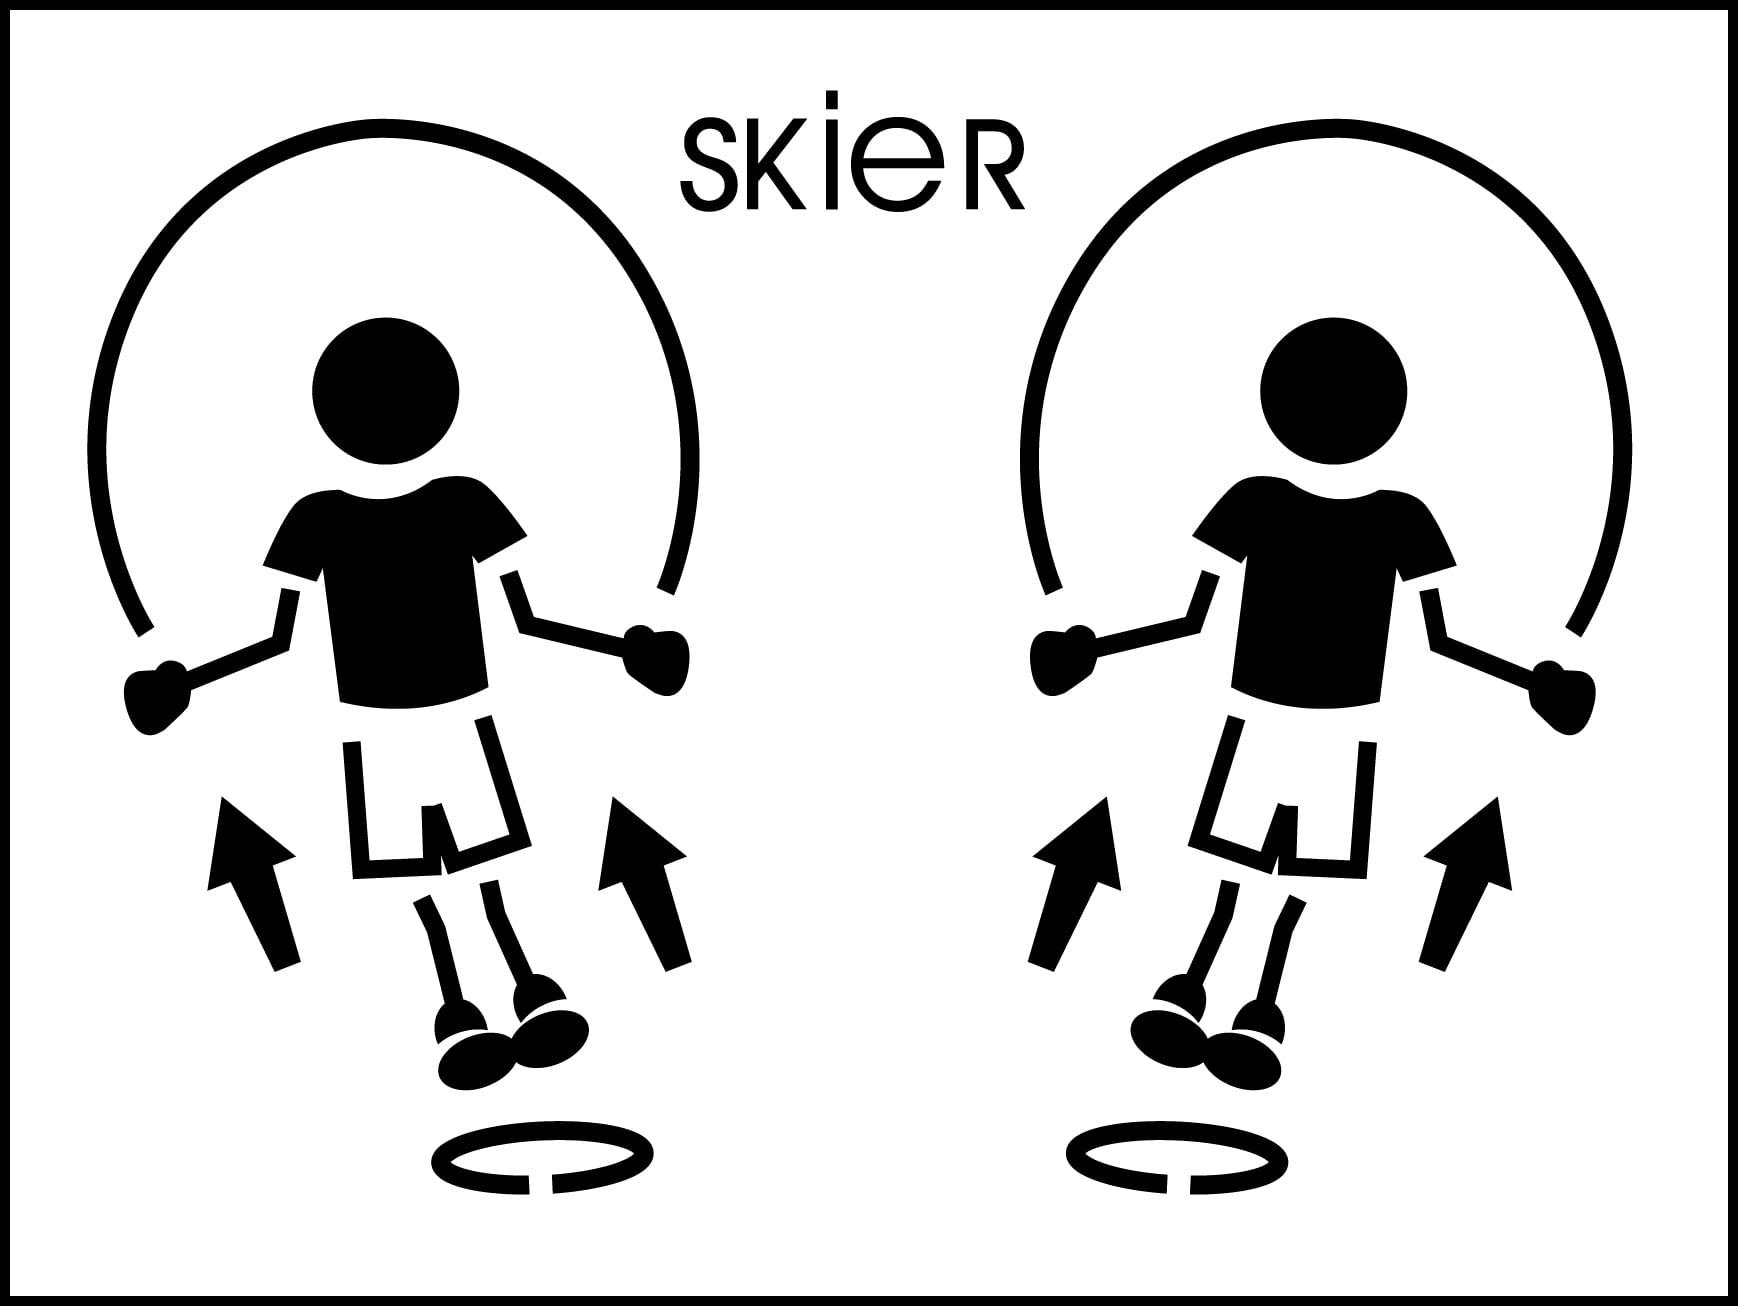 3-Skier